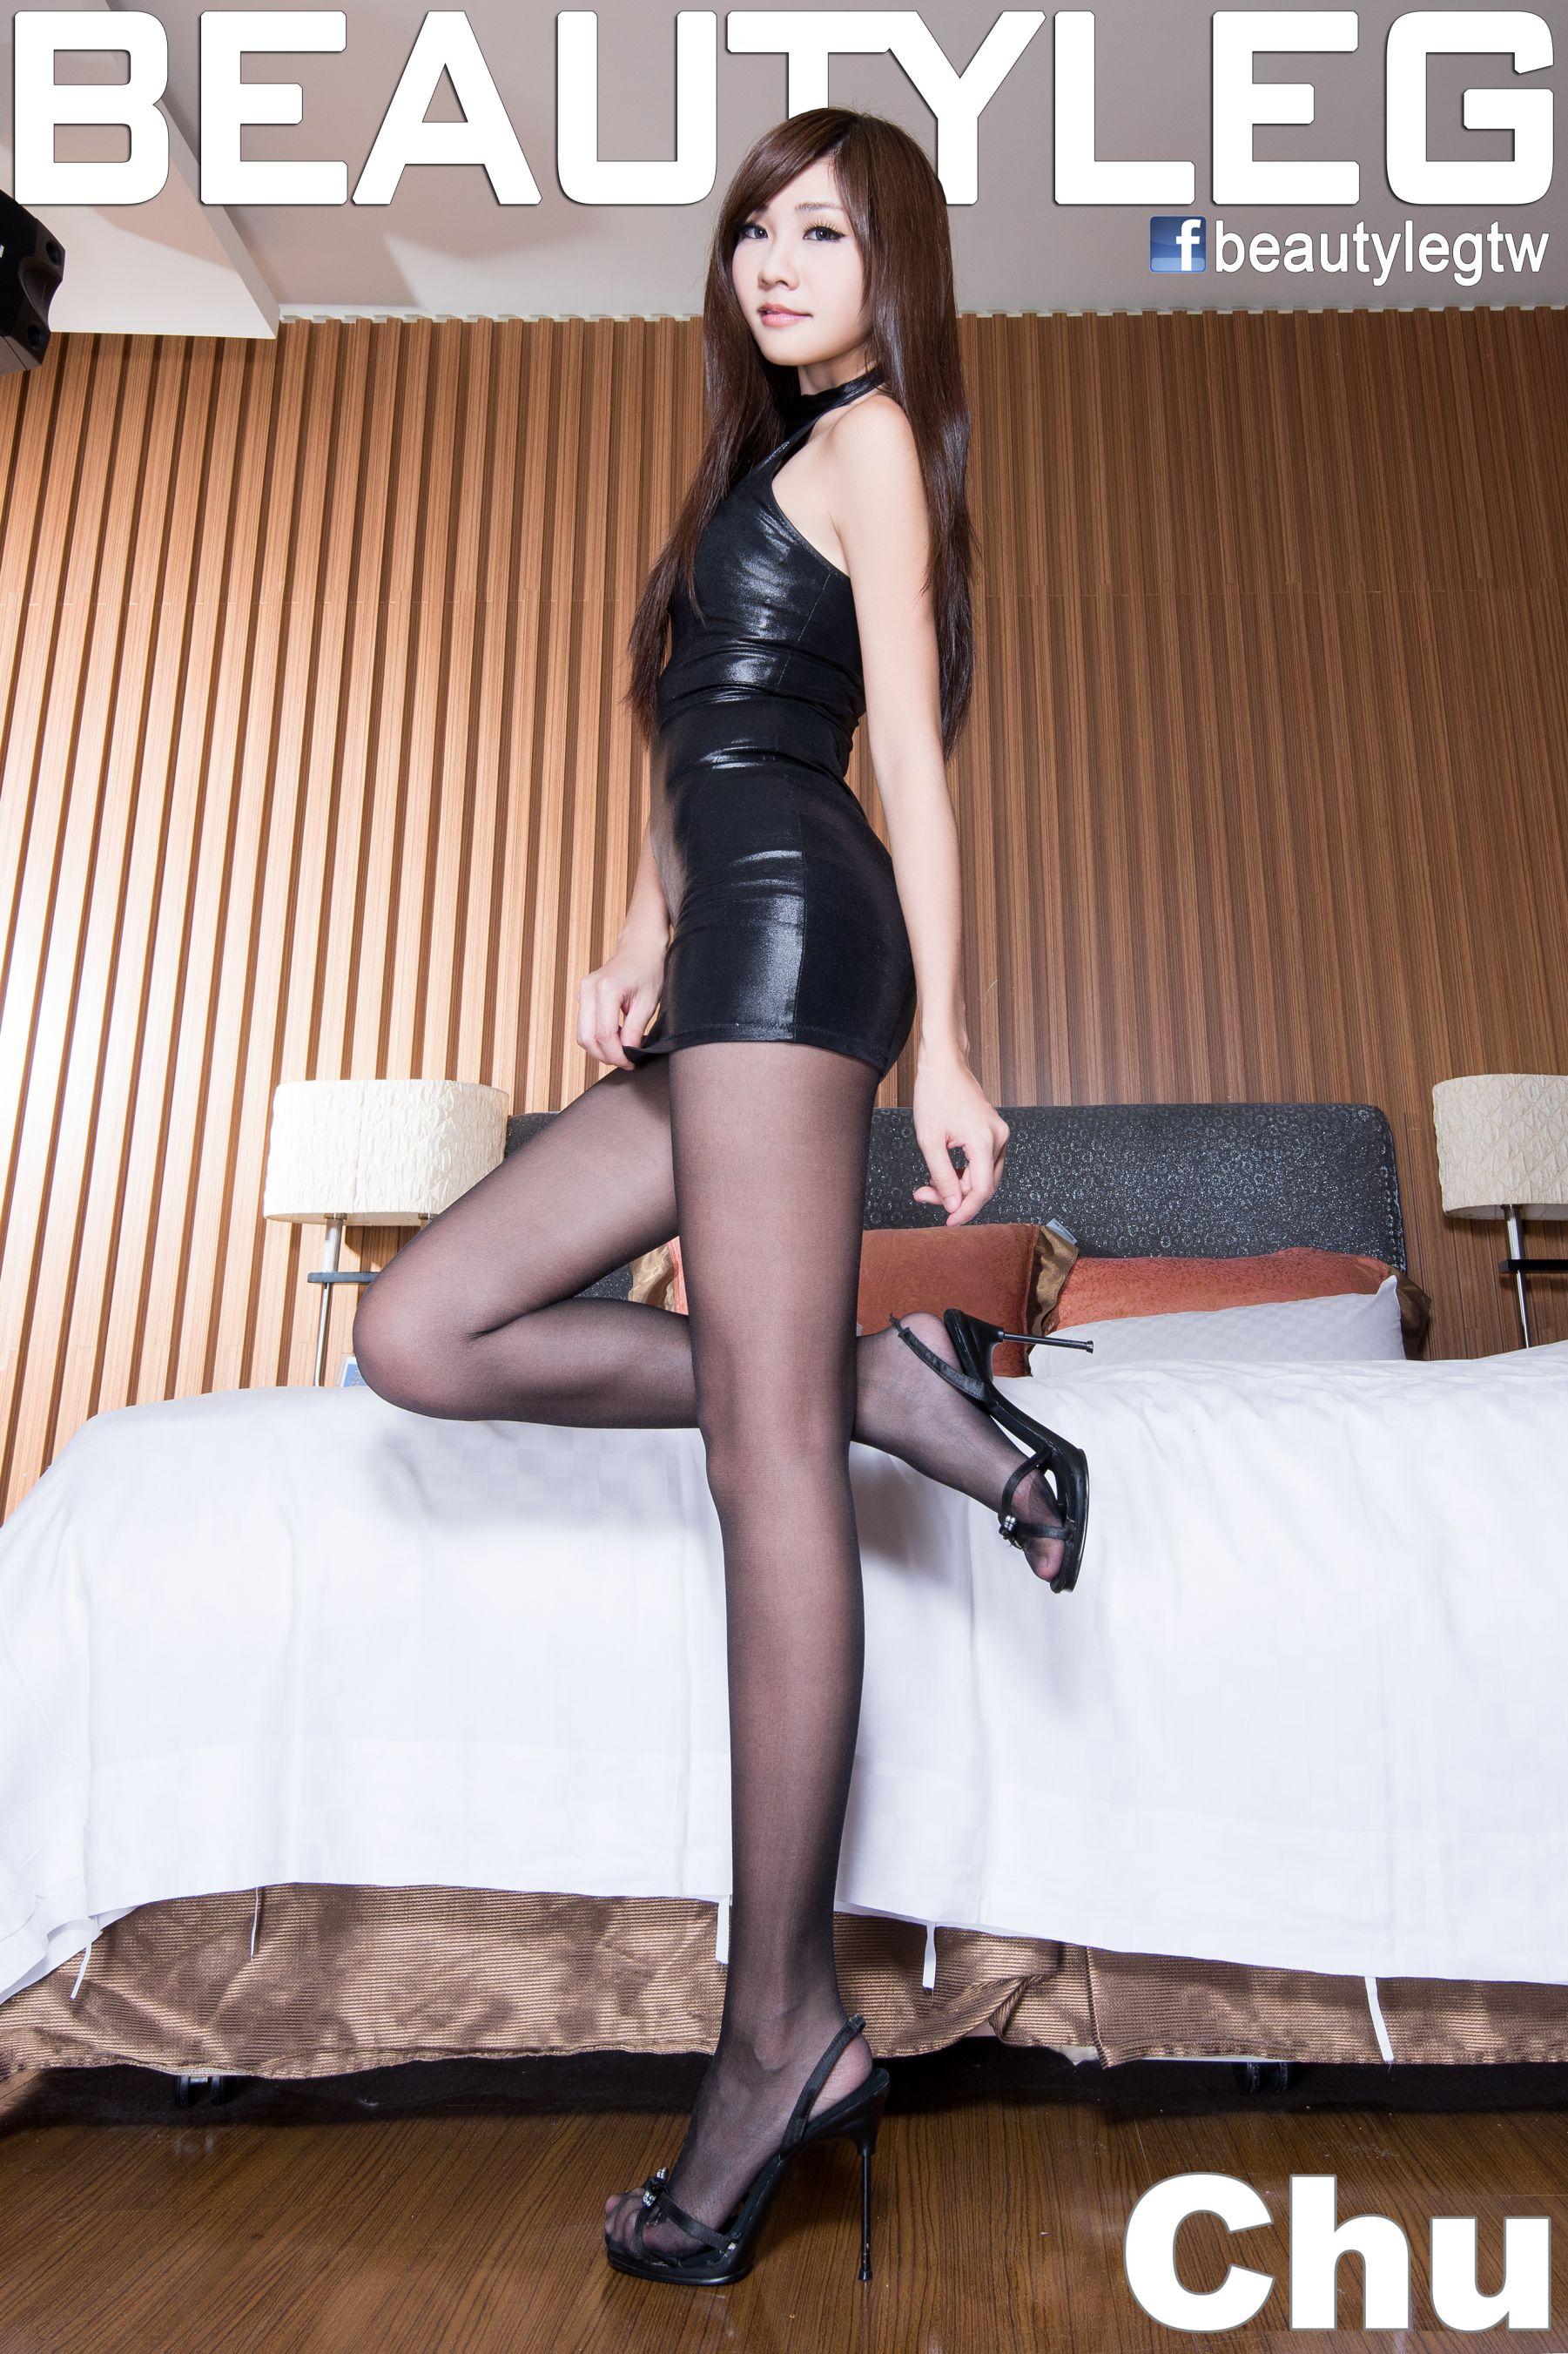 VOL.880 [Beautyleg]美腿:张雅筑(腿模Chu,张小筑)高品质写真套图(50P)